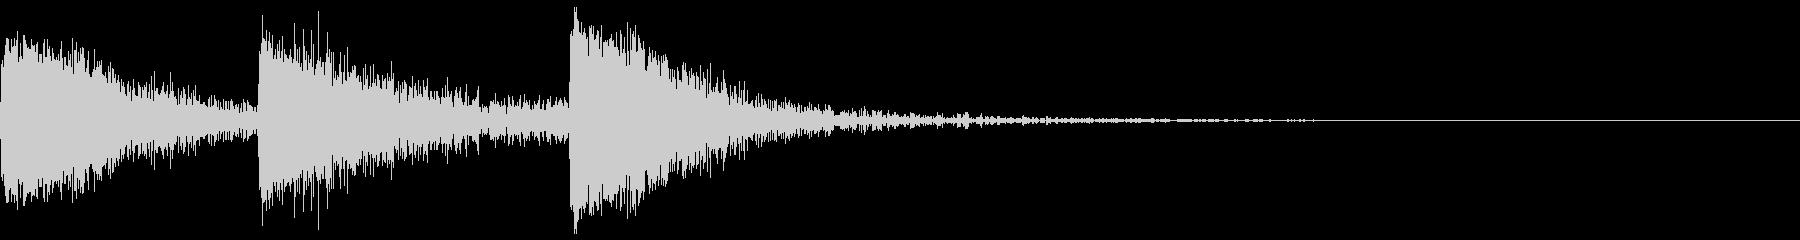 【SE】攻撃音03ヒット3発(ビビビシ)の未再生の波形